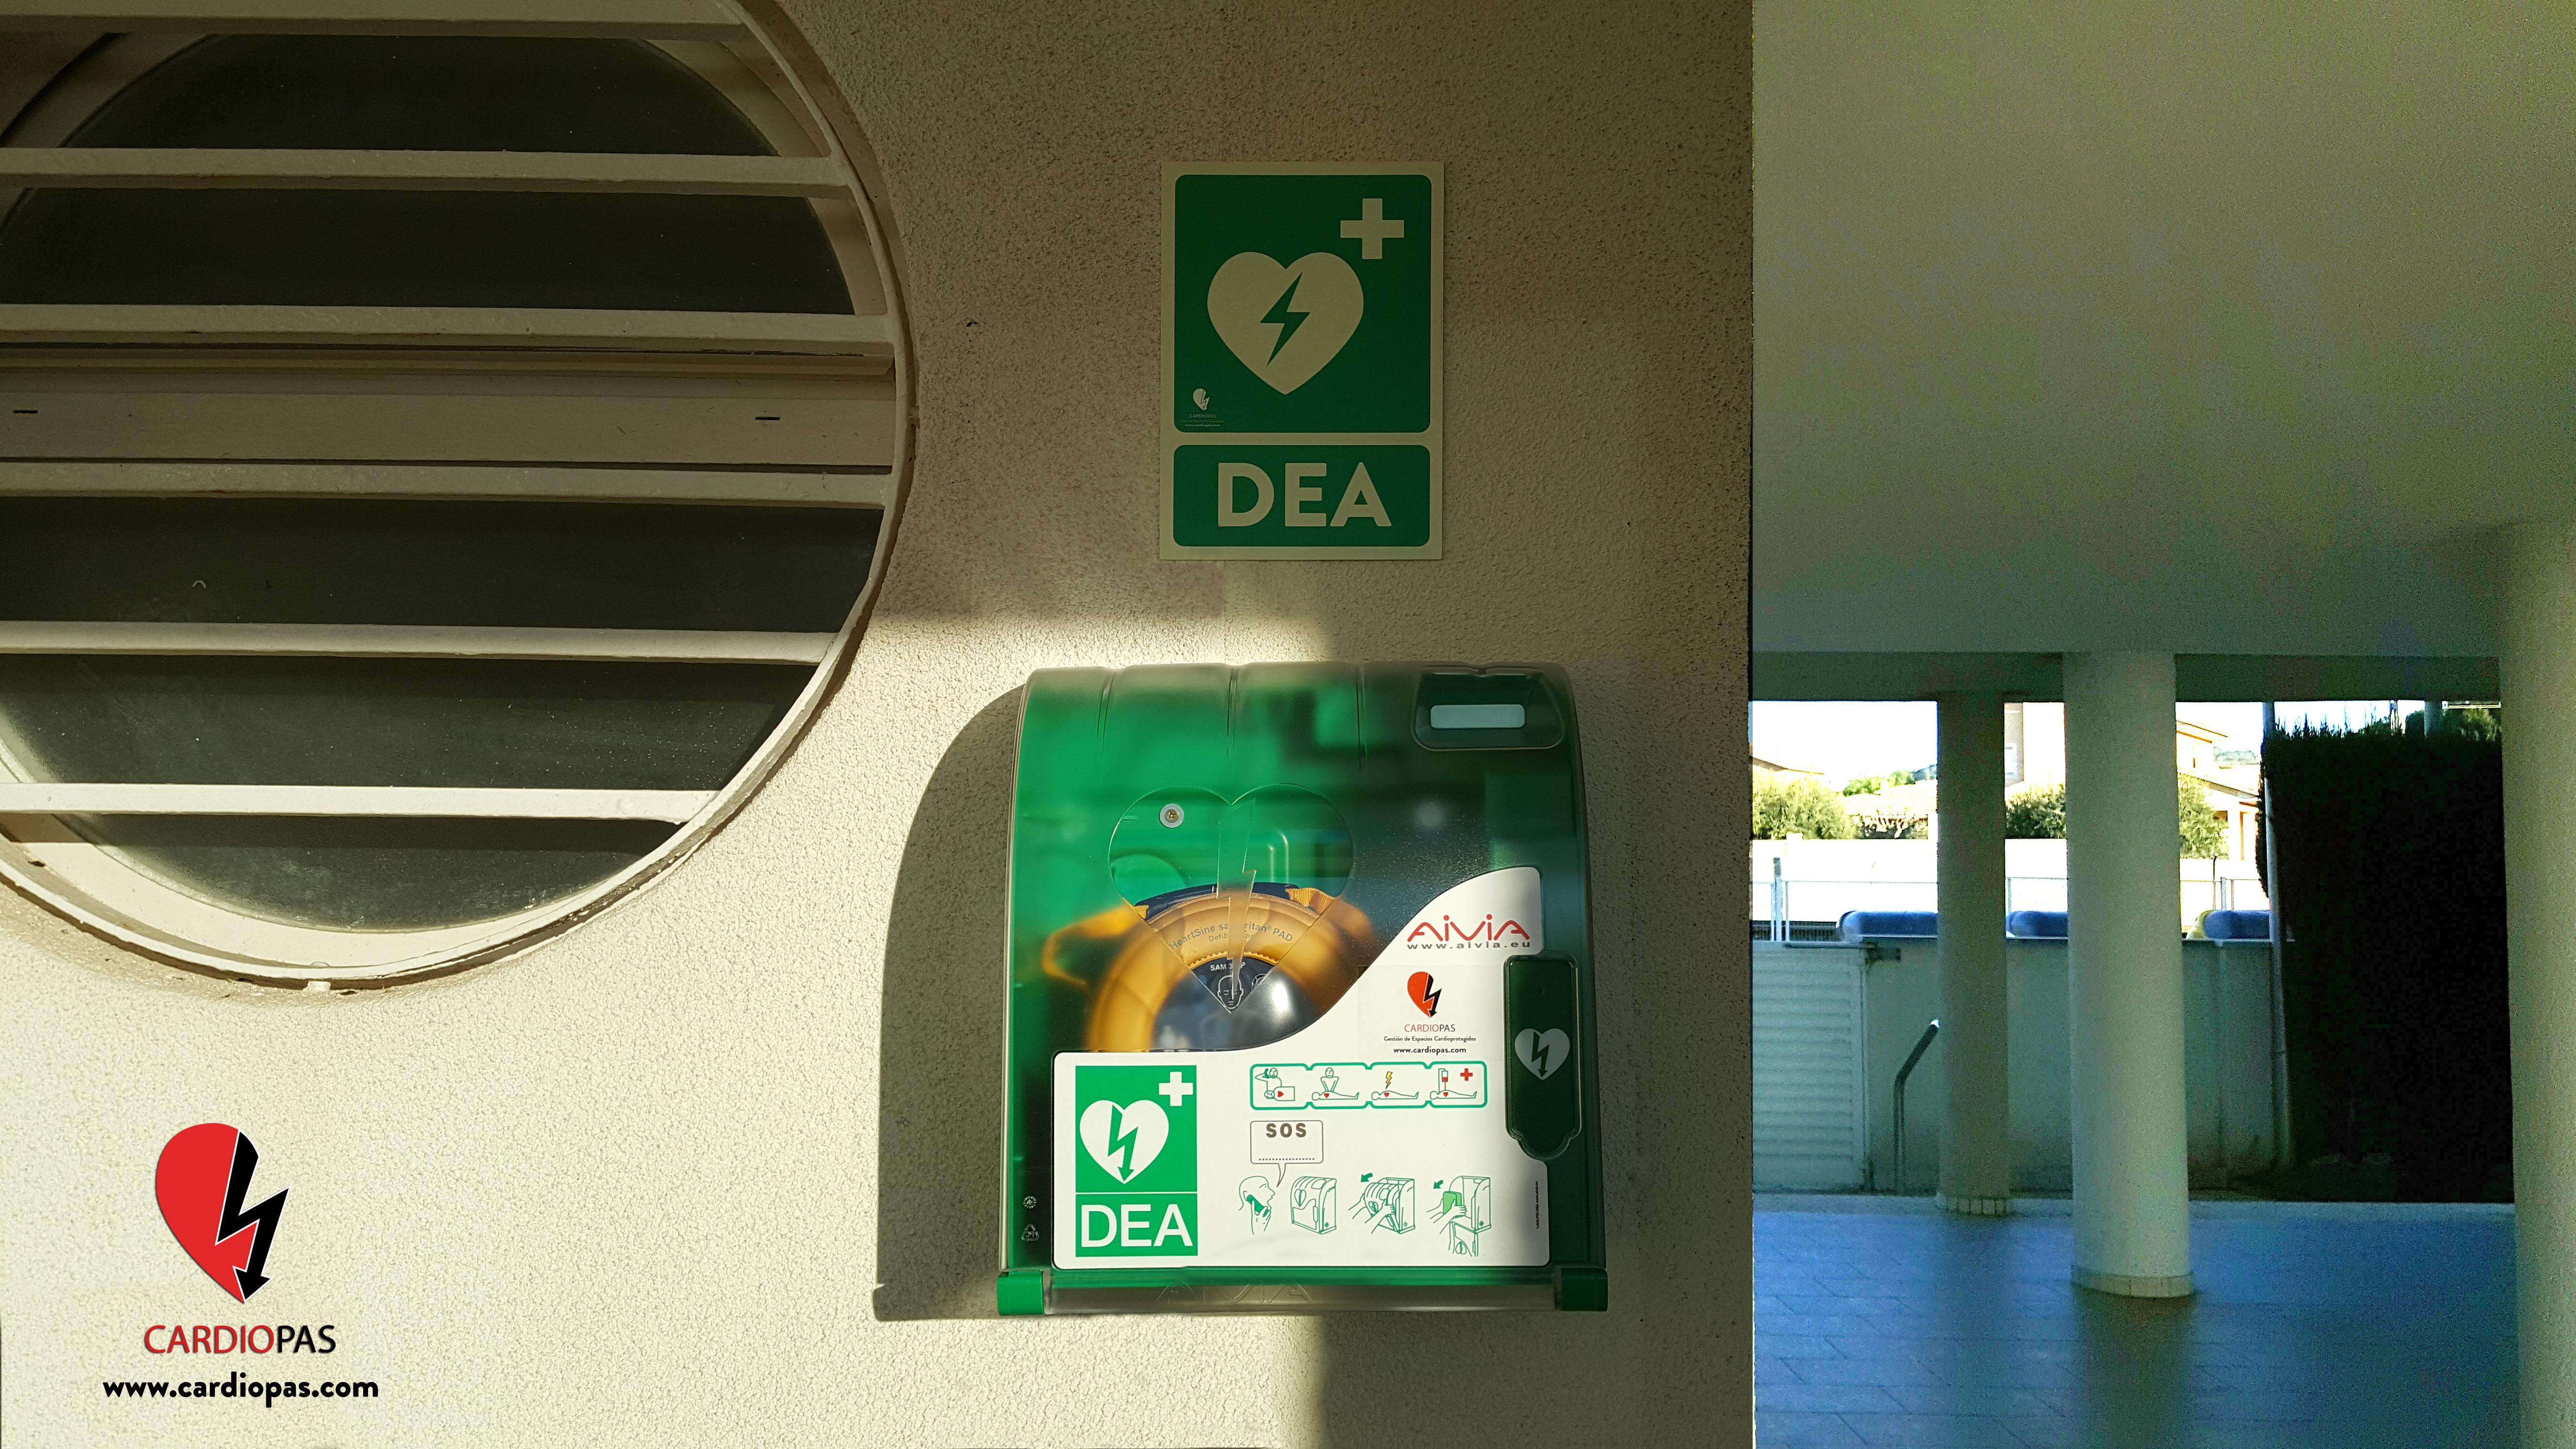 Les estadístiques no enganyen. Un 80% de totes les aturades cardíaques tenen lloc fora d'un Hospital, sense un equip material i personal professional. Malgrat això, el 60% d'aquestes aturades cardíaques… READ MORE